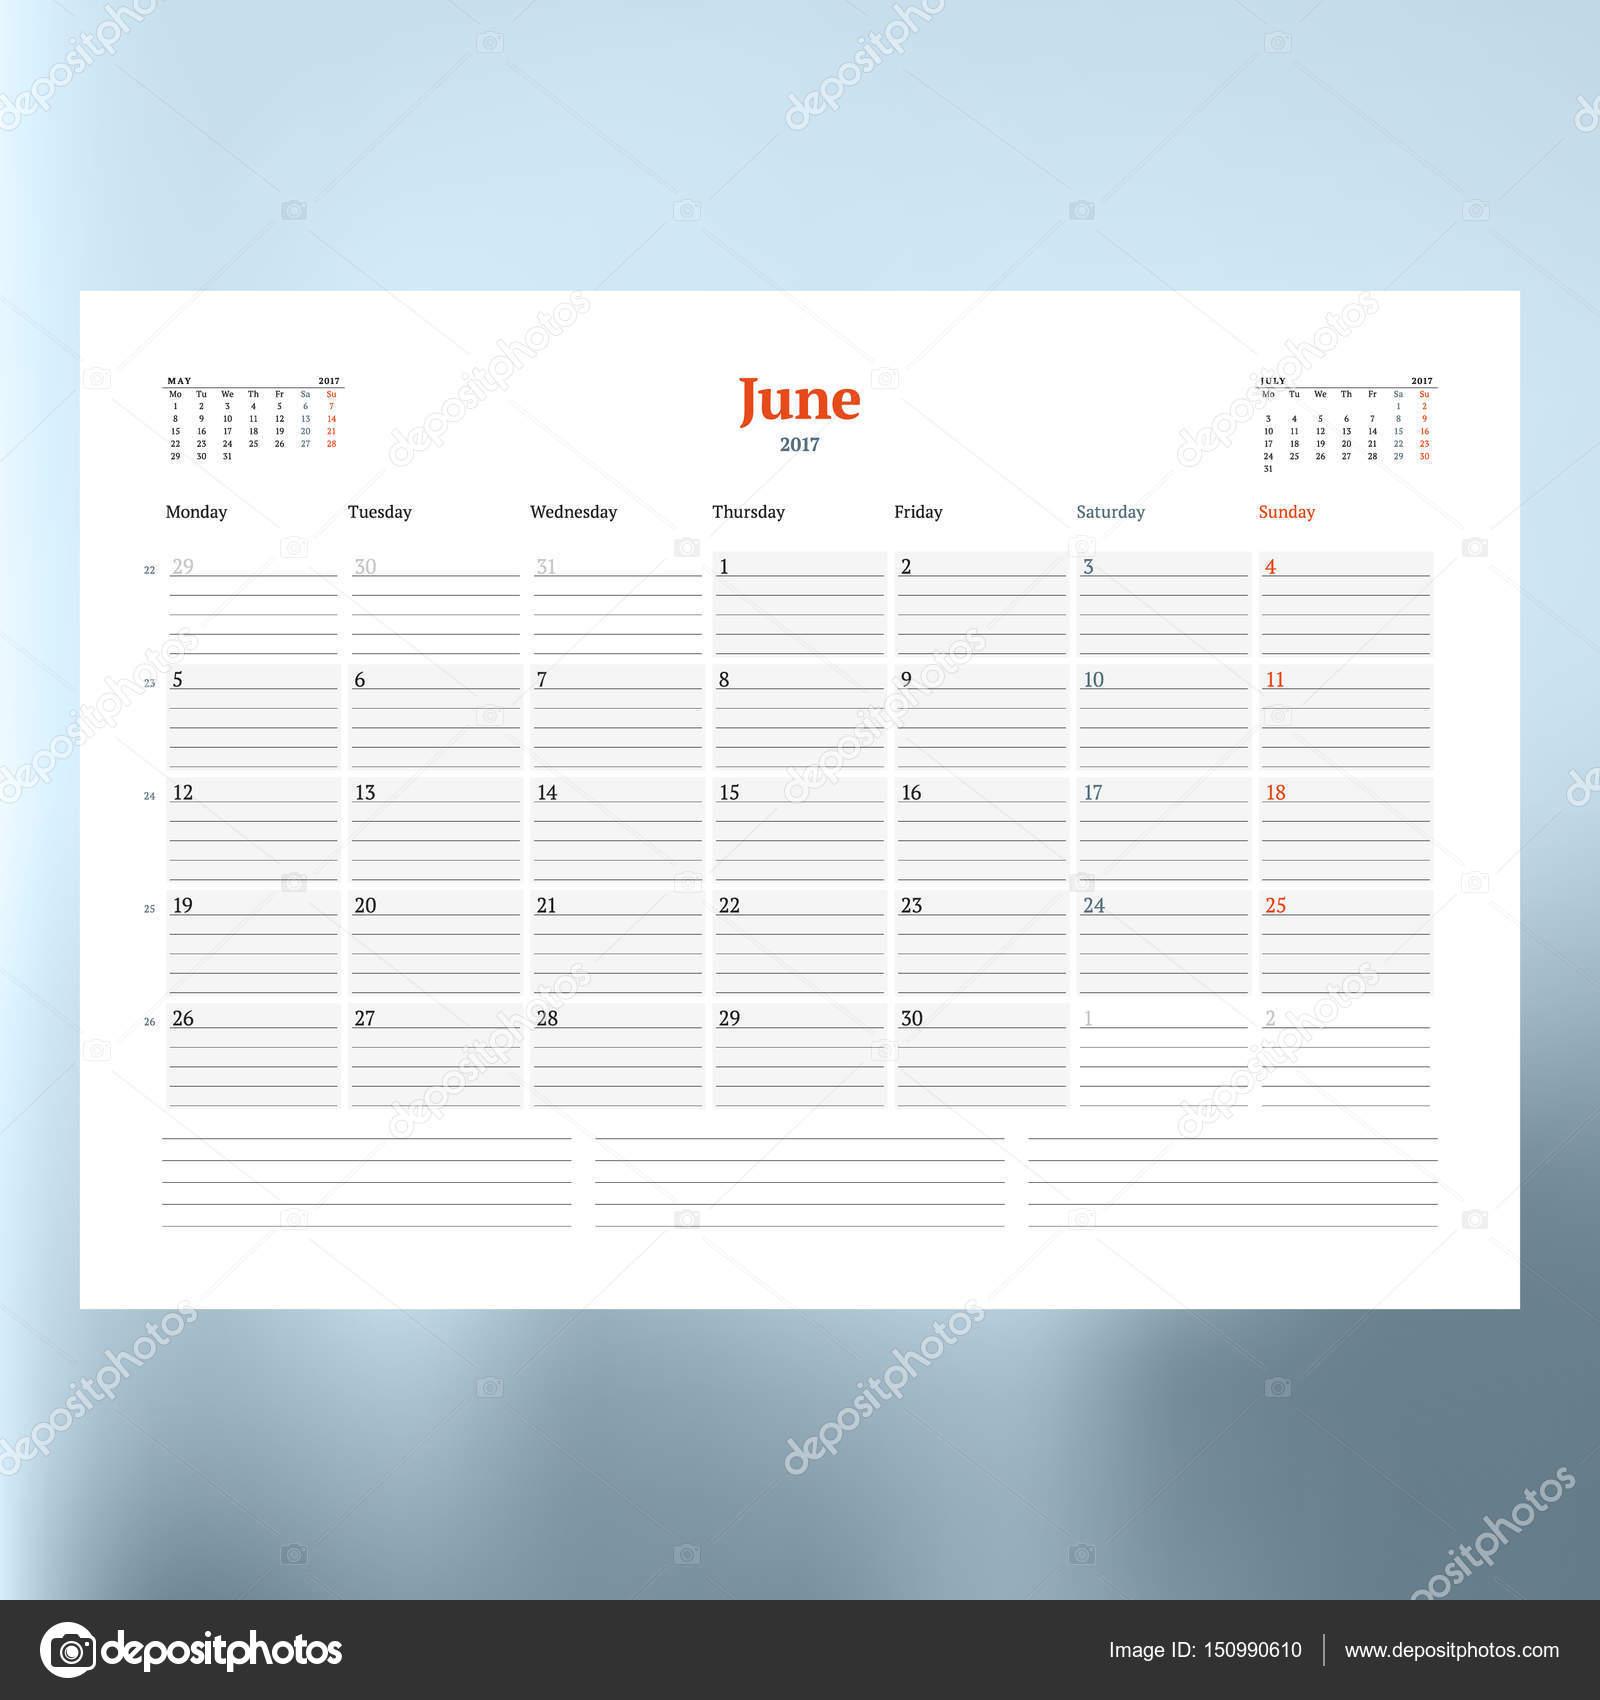 Berühmt Essen Planung Kalendervorlage Ideen - Entry Level Resume ...